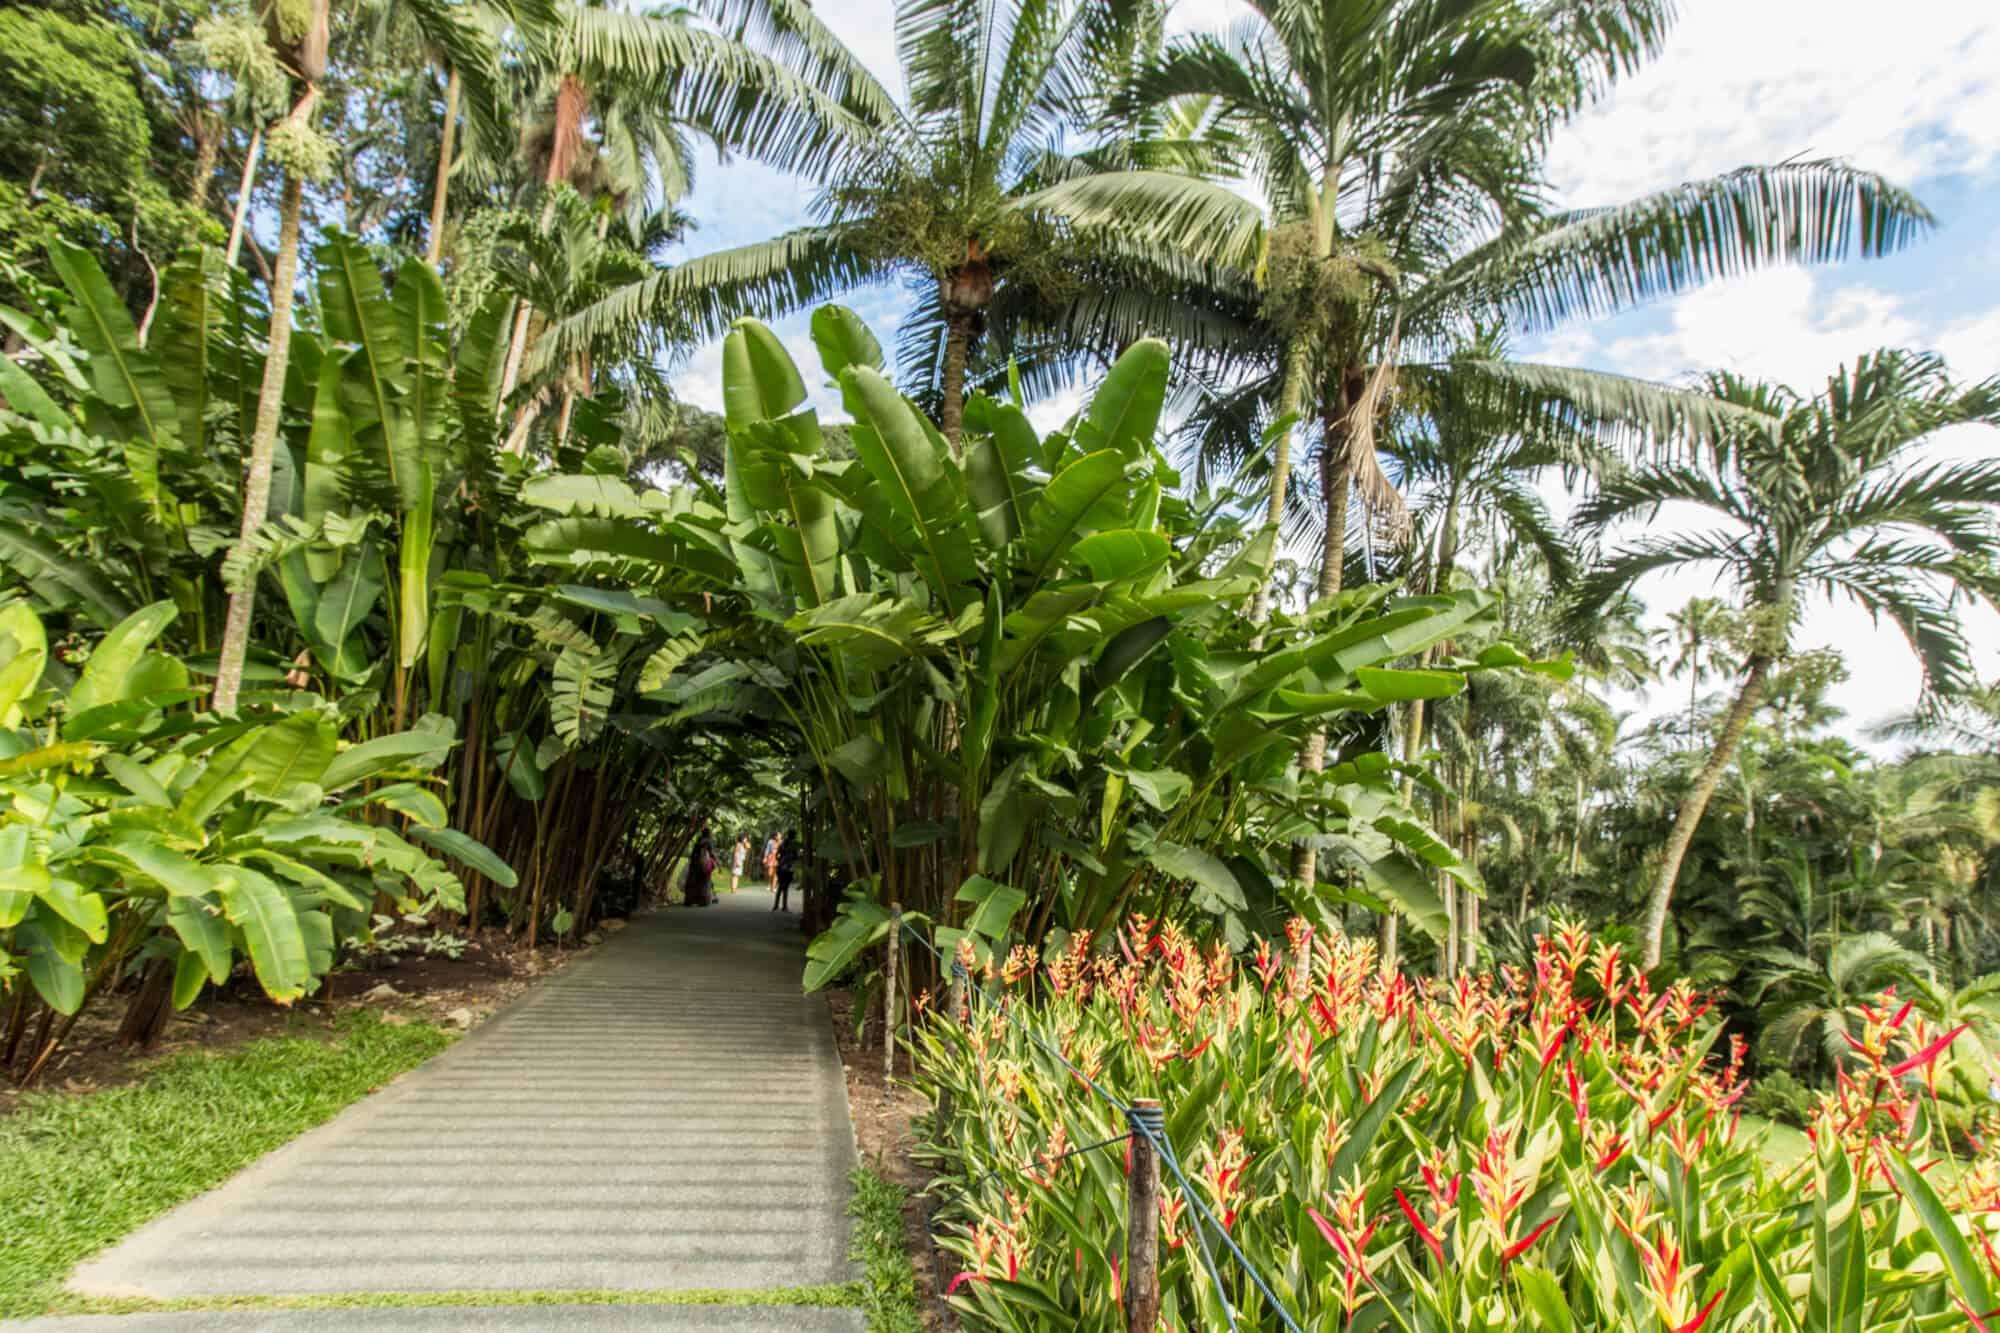 Singapur Botanischer Garten – Singapore Botanic Garden